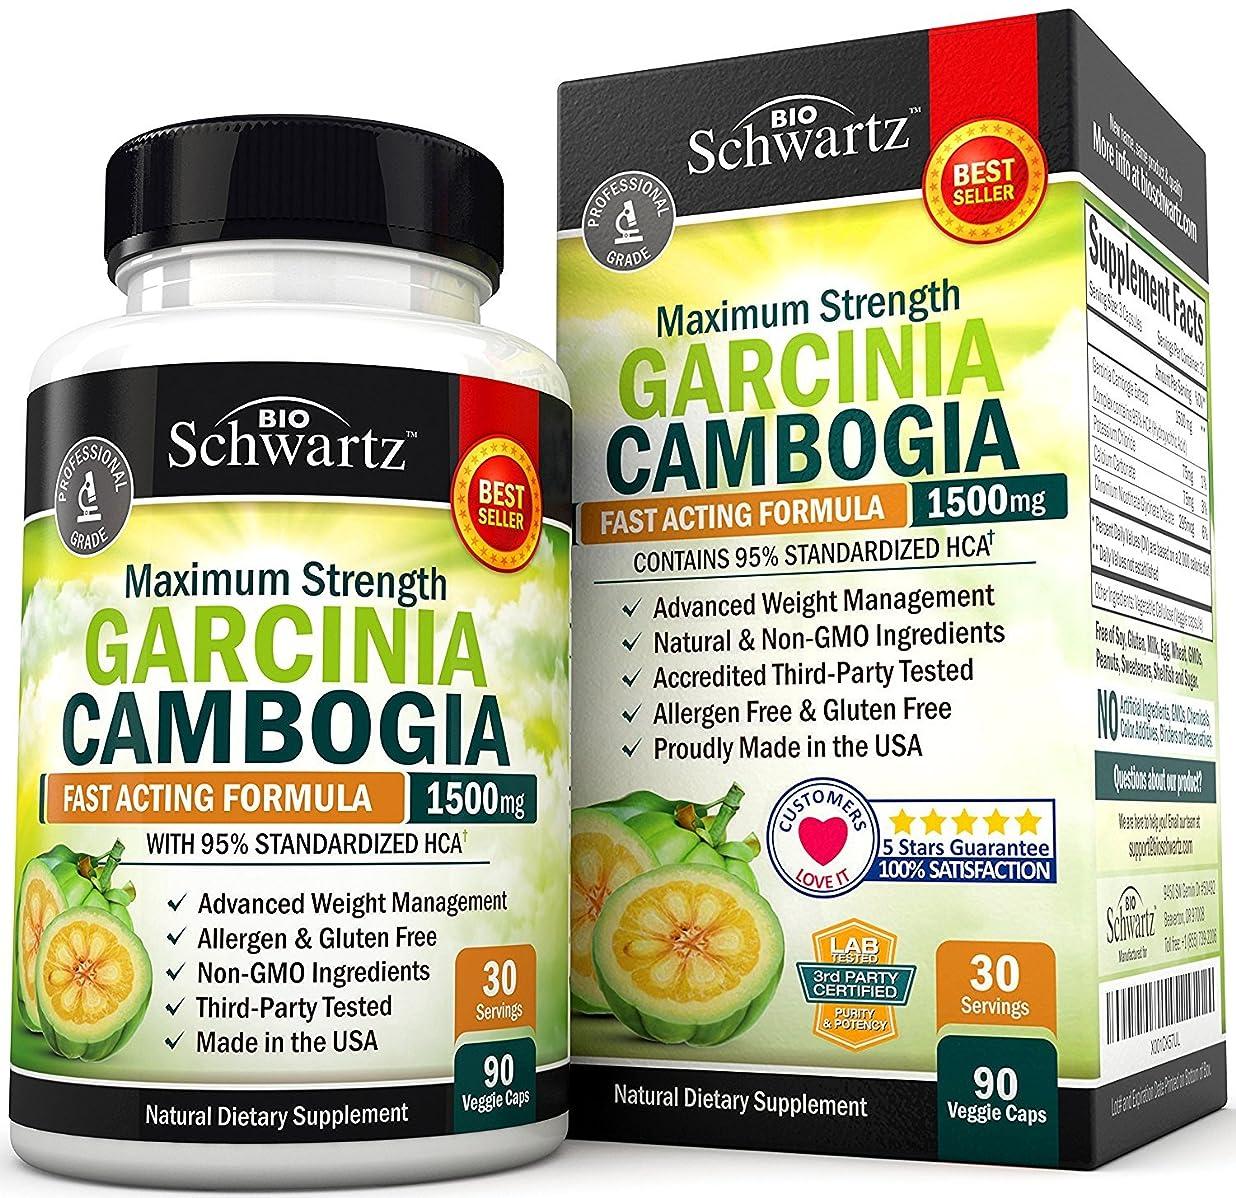 オデュッセウス湿ったBioSchwartz ガルシニア カンボジア Garcinia Cambogia 95% HCA 1500mg 90粒